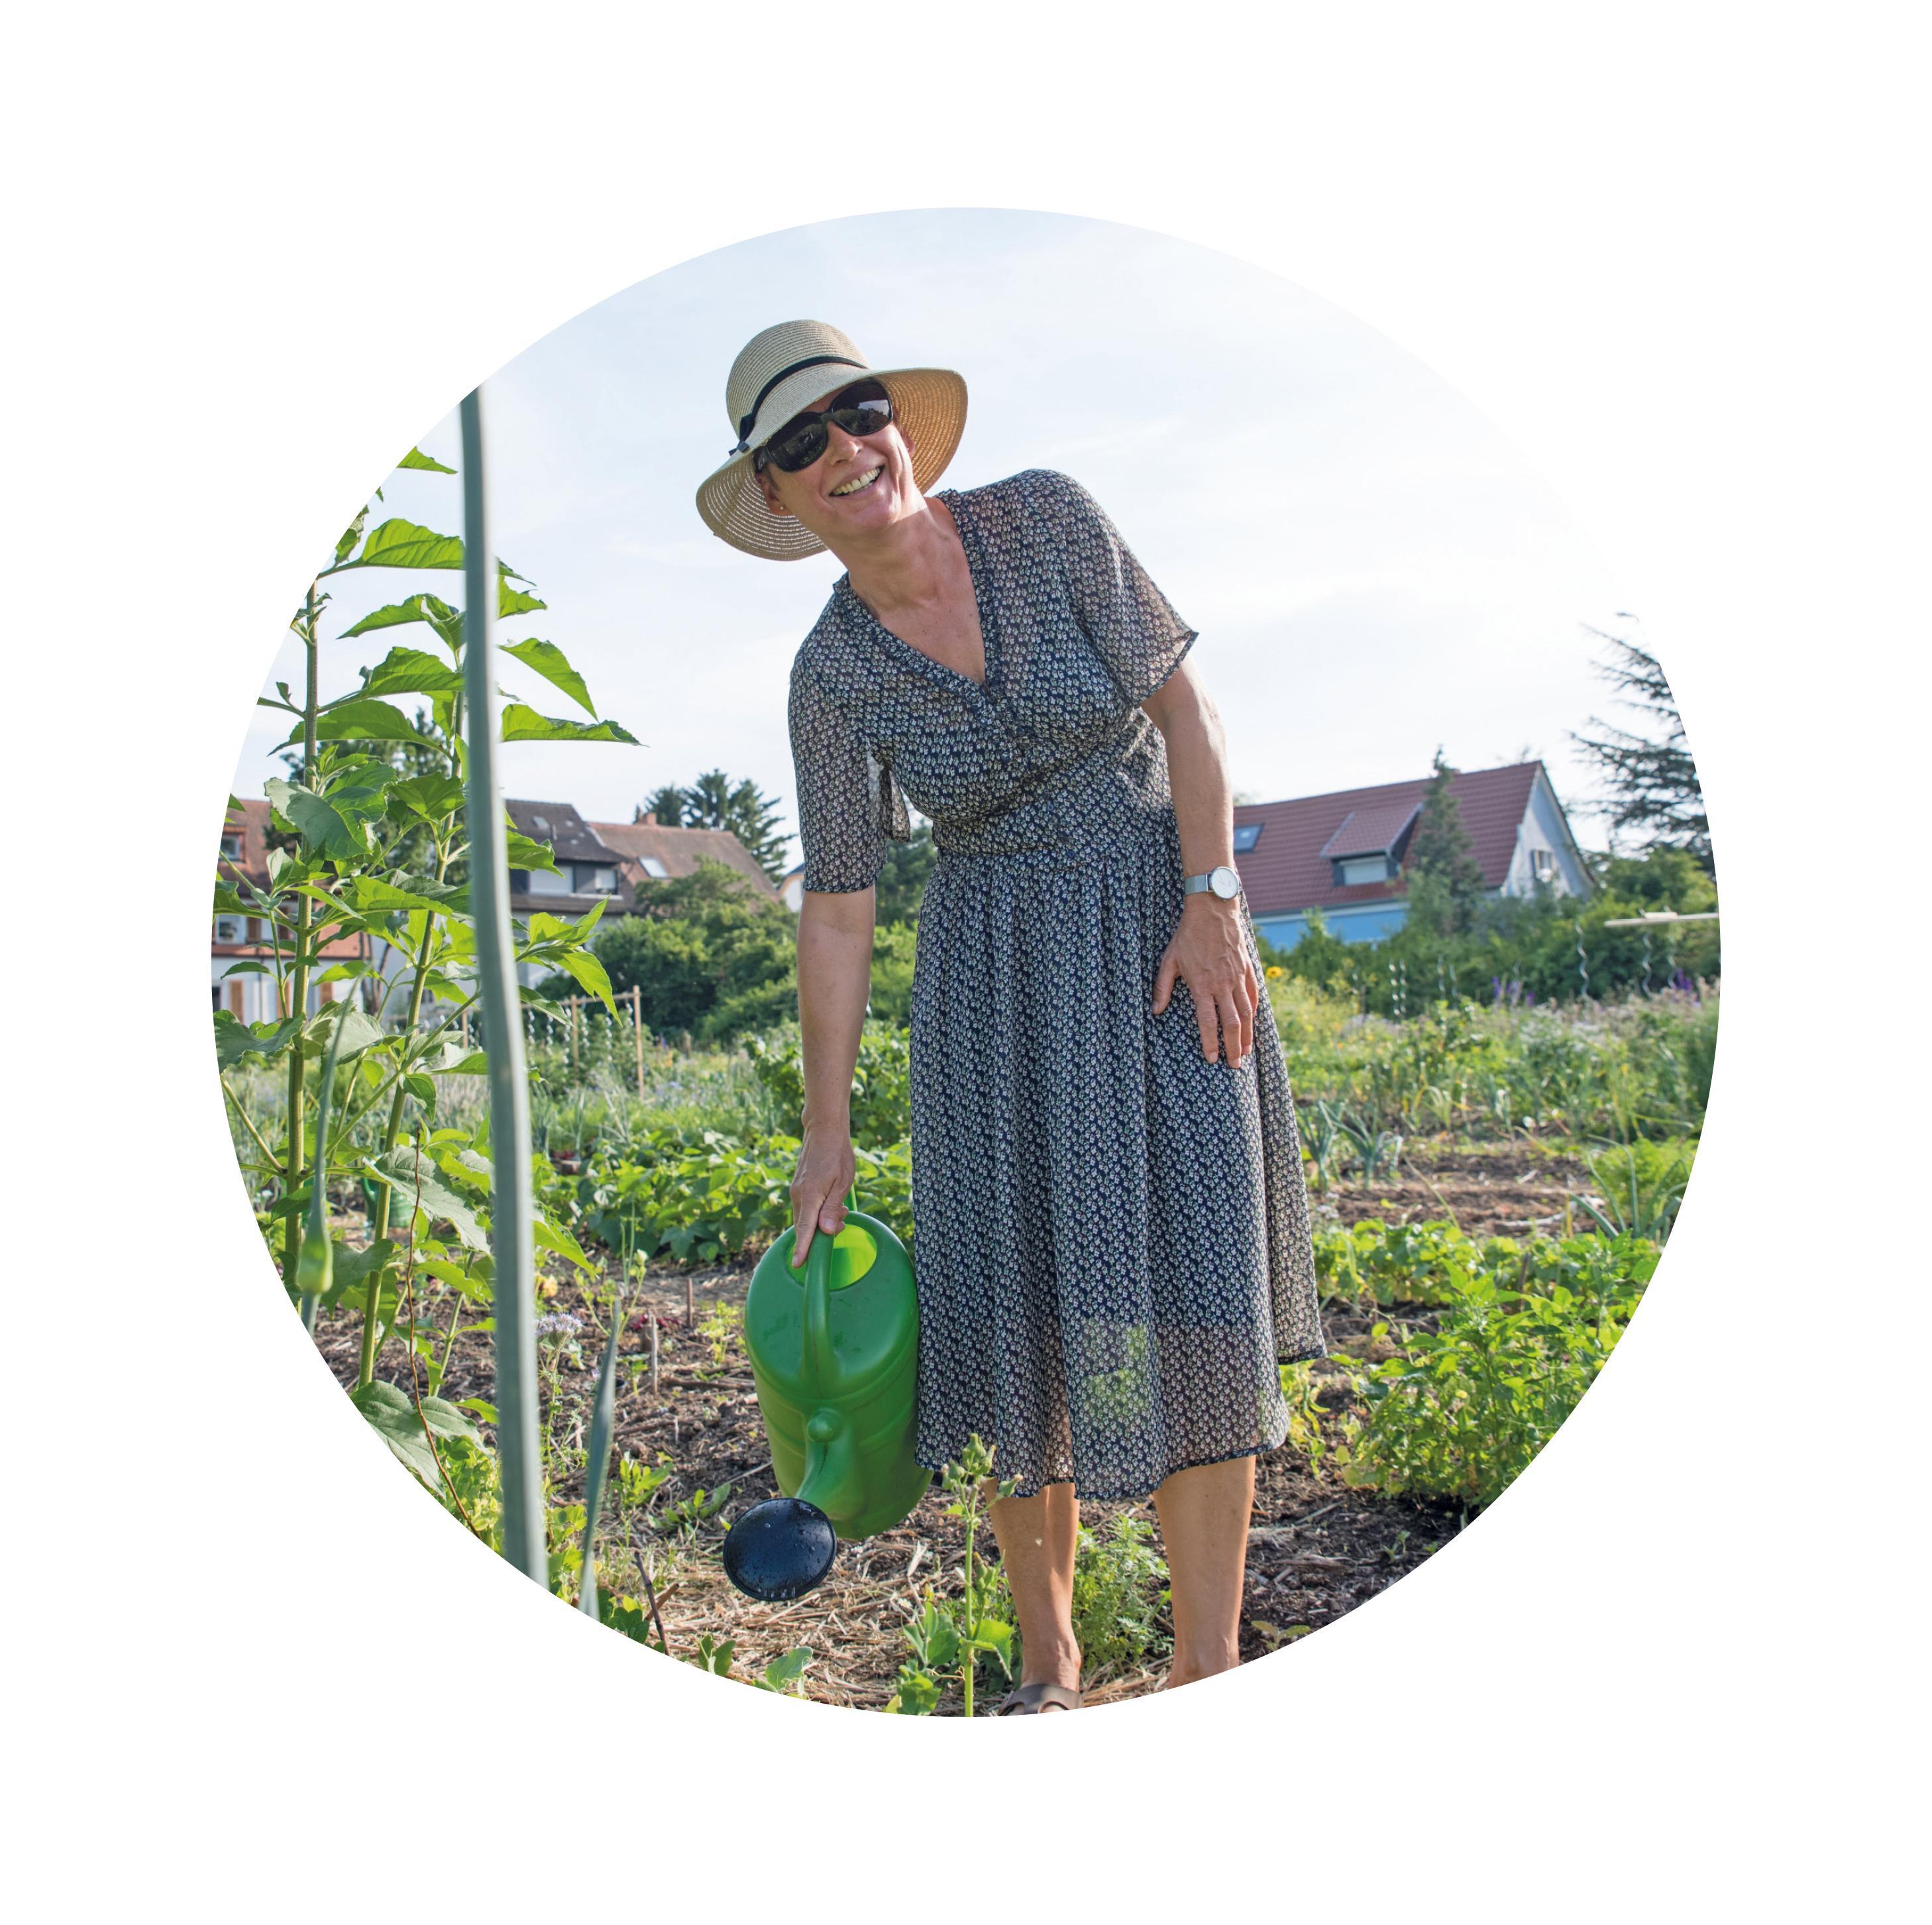 Jo Peitsmeier ist eine von mittlerweile 80 Personen, die allein auf dem Acker in Feudenheim ihr eigenes Gemüse ernten – und Freude daran haben